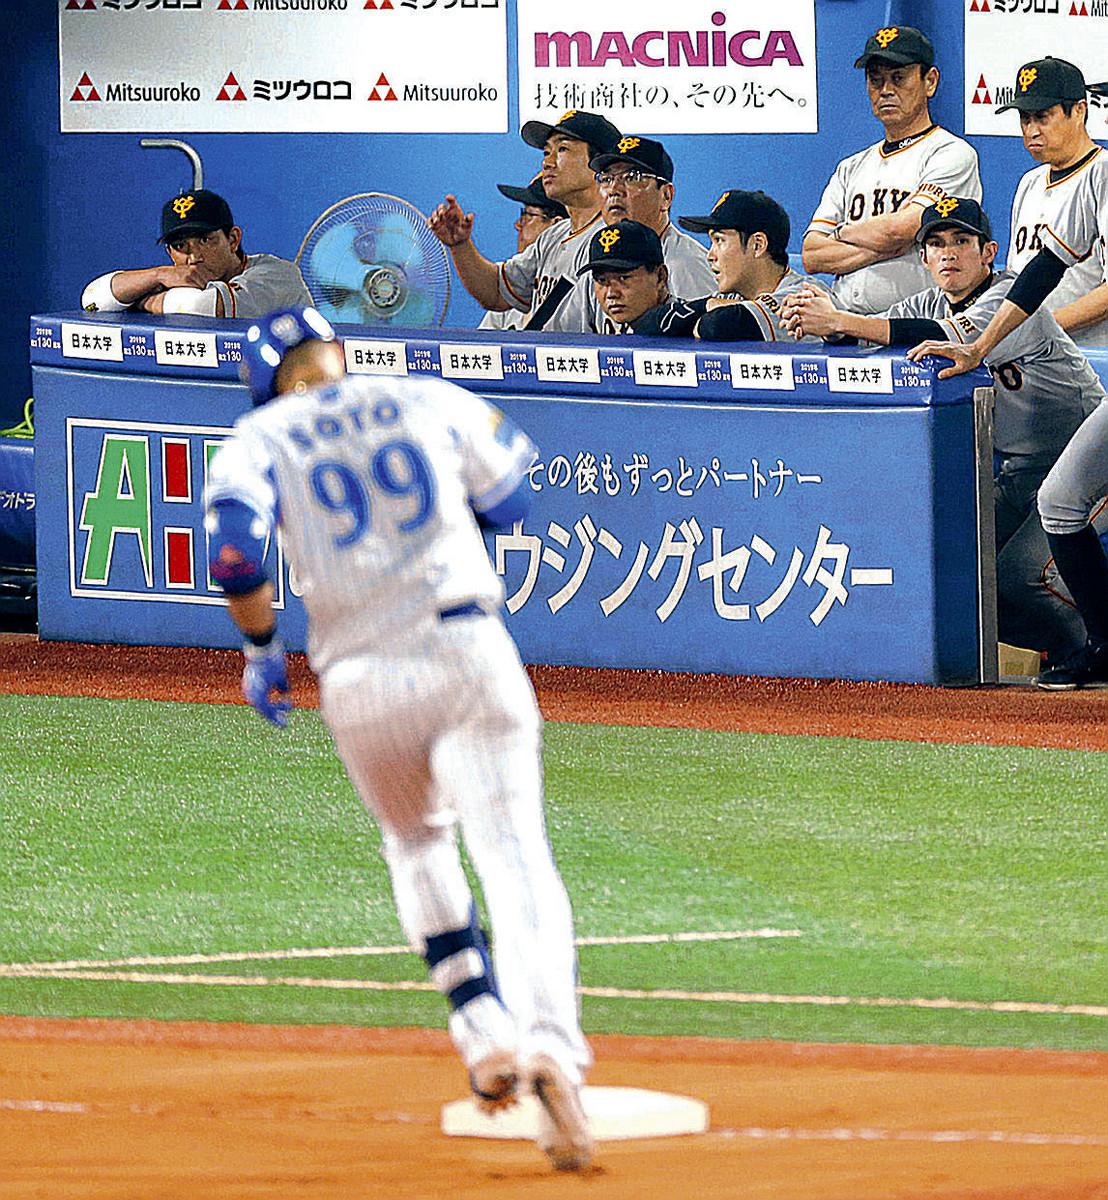 8回2死一塁、ソトに3本目の本塁打を打たれ静まり返る巨人ベンチ